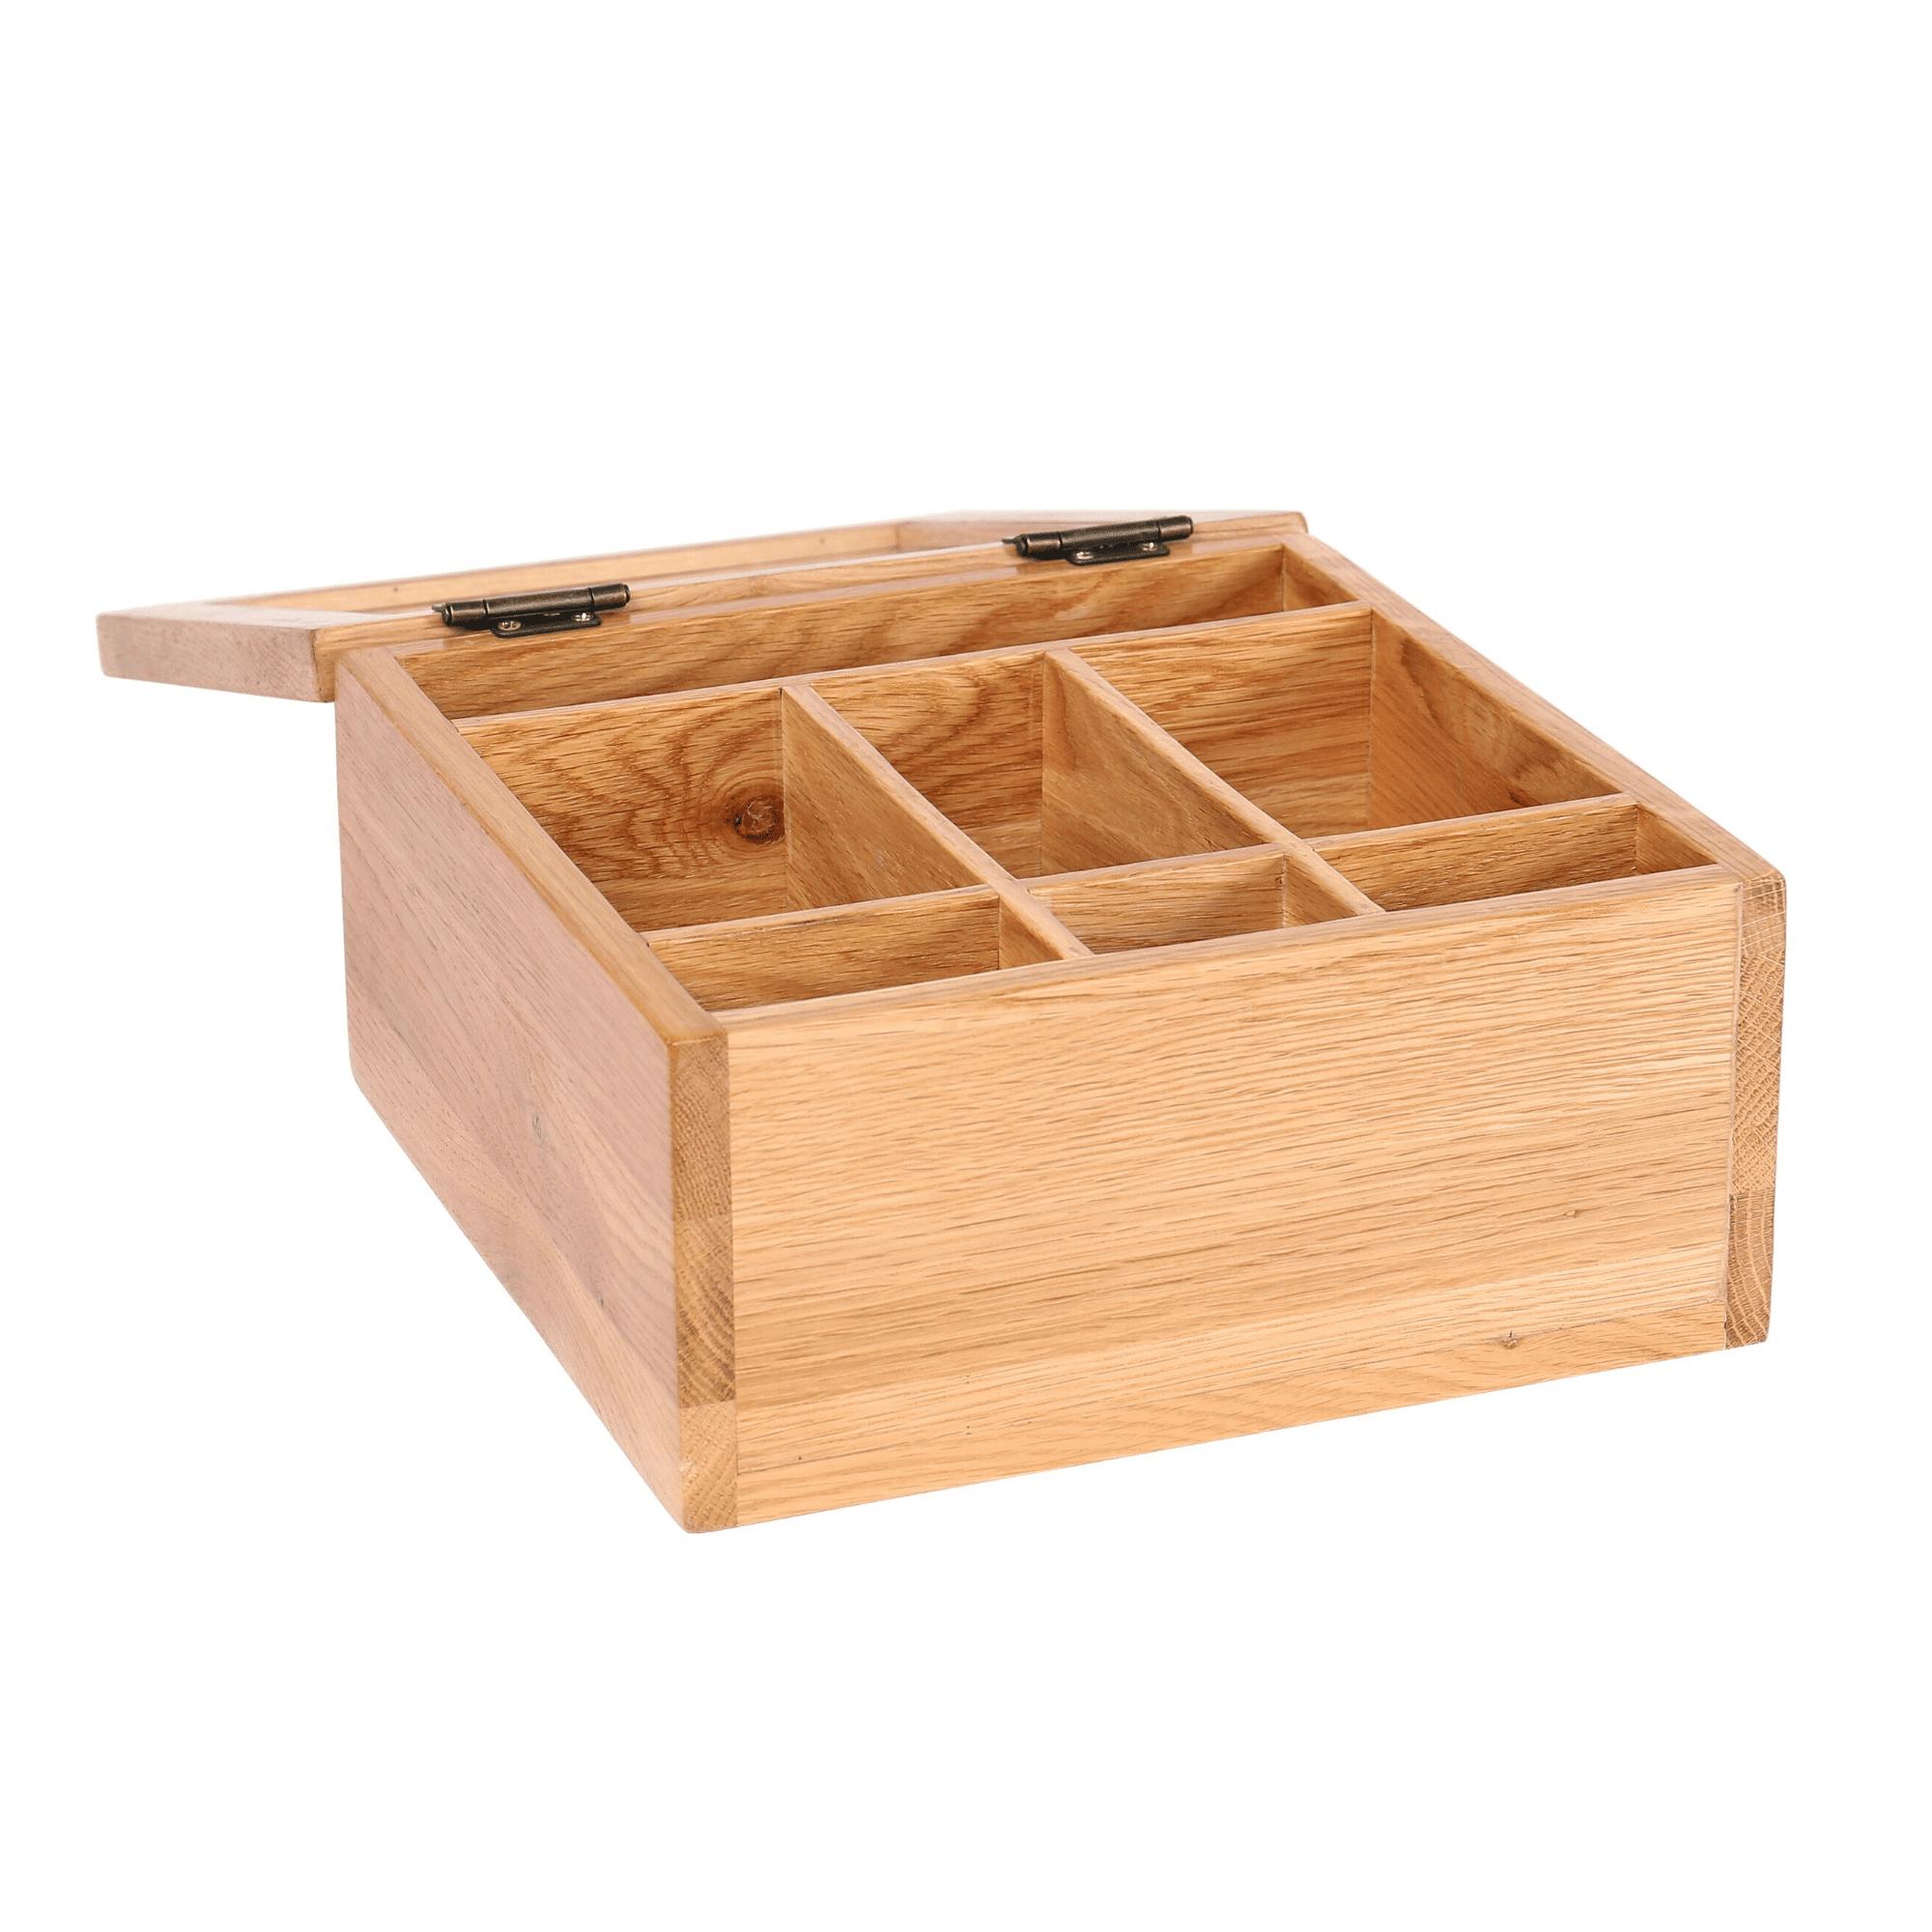 bespoke storage box canva 2